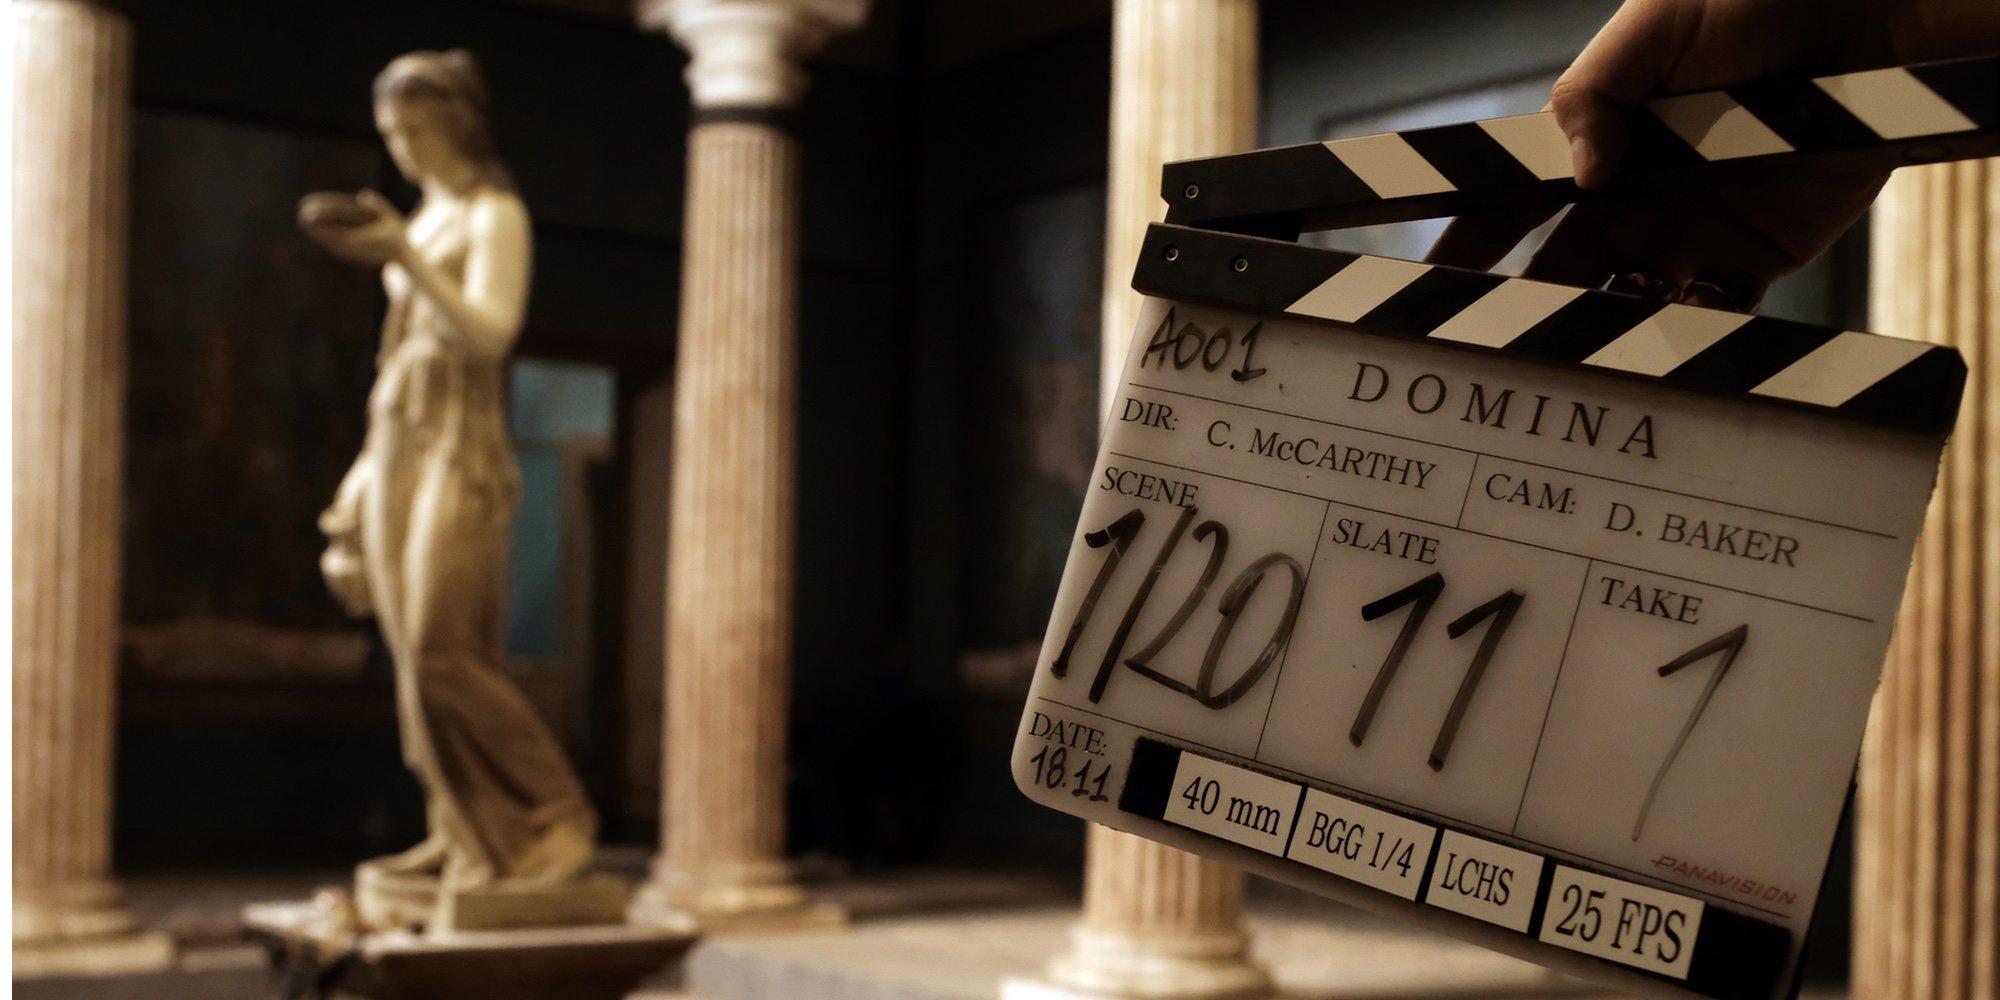 'Domina', la serie de Sky ambientada en el Imperio Romero que muestra el punto de vista de las mujeres